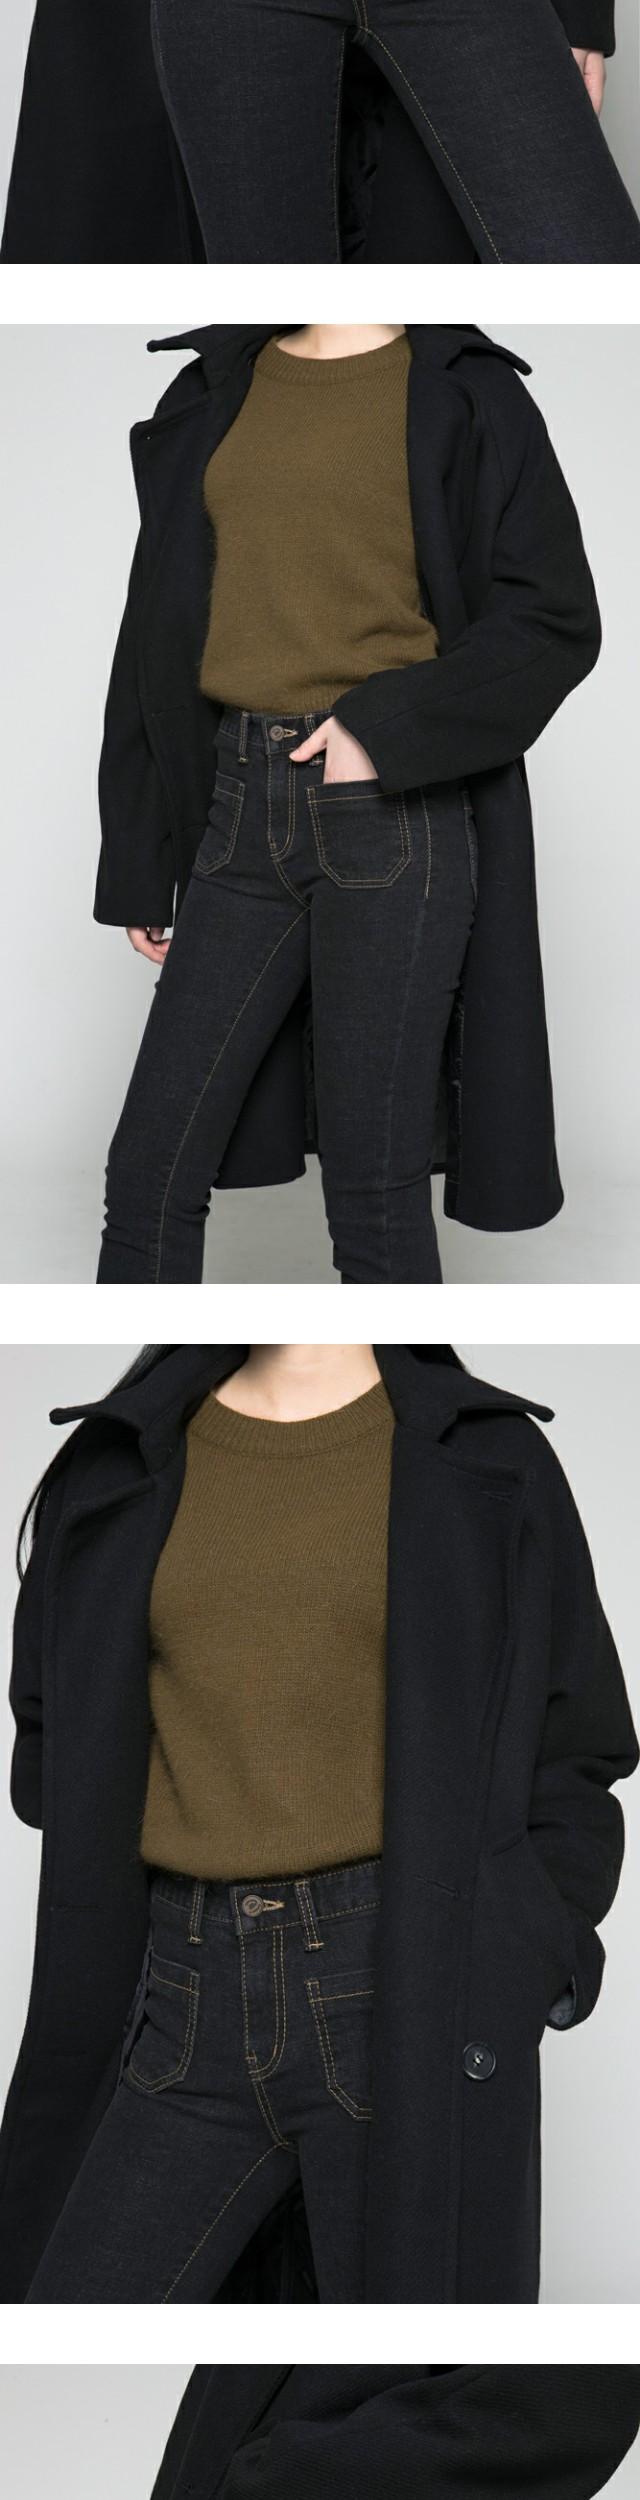 7020 Pocket brushed pants